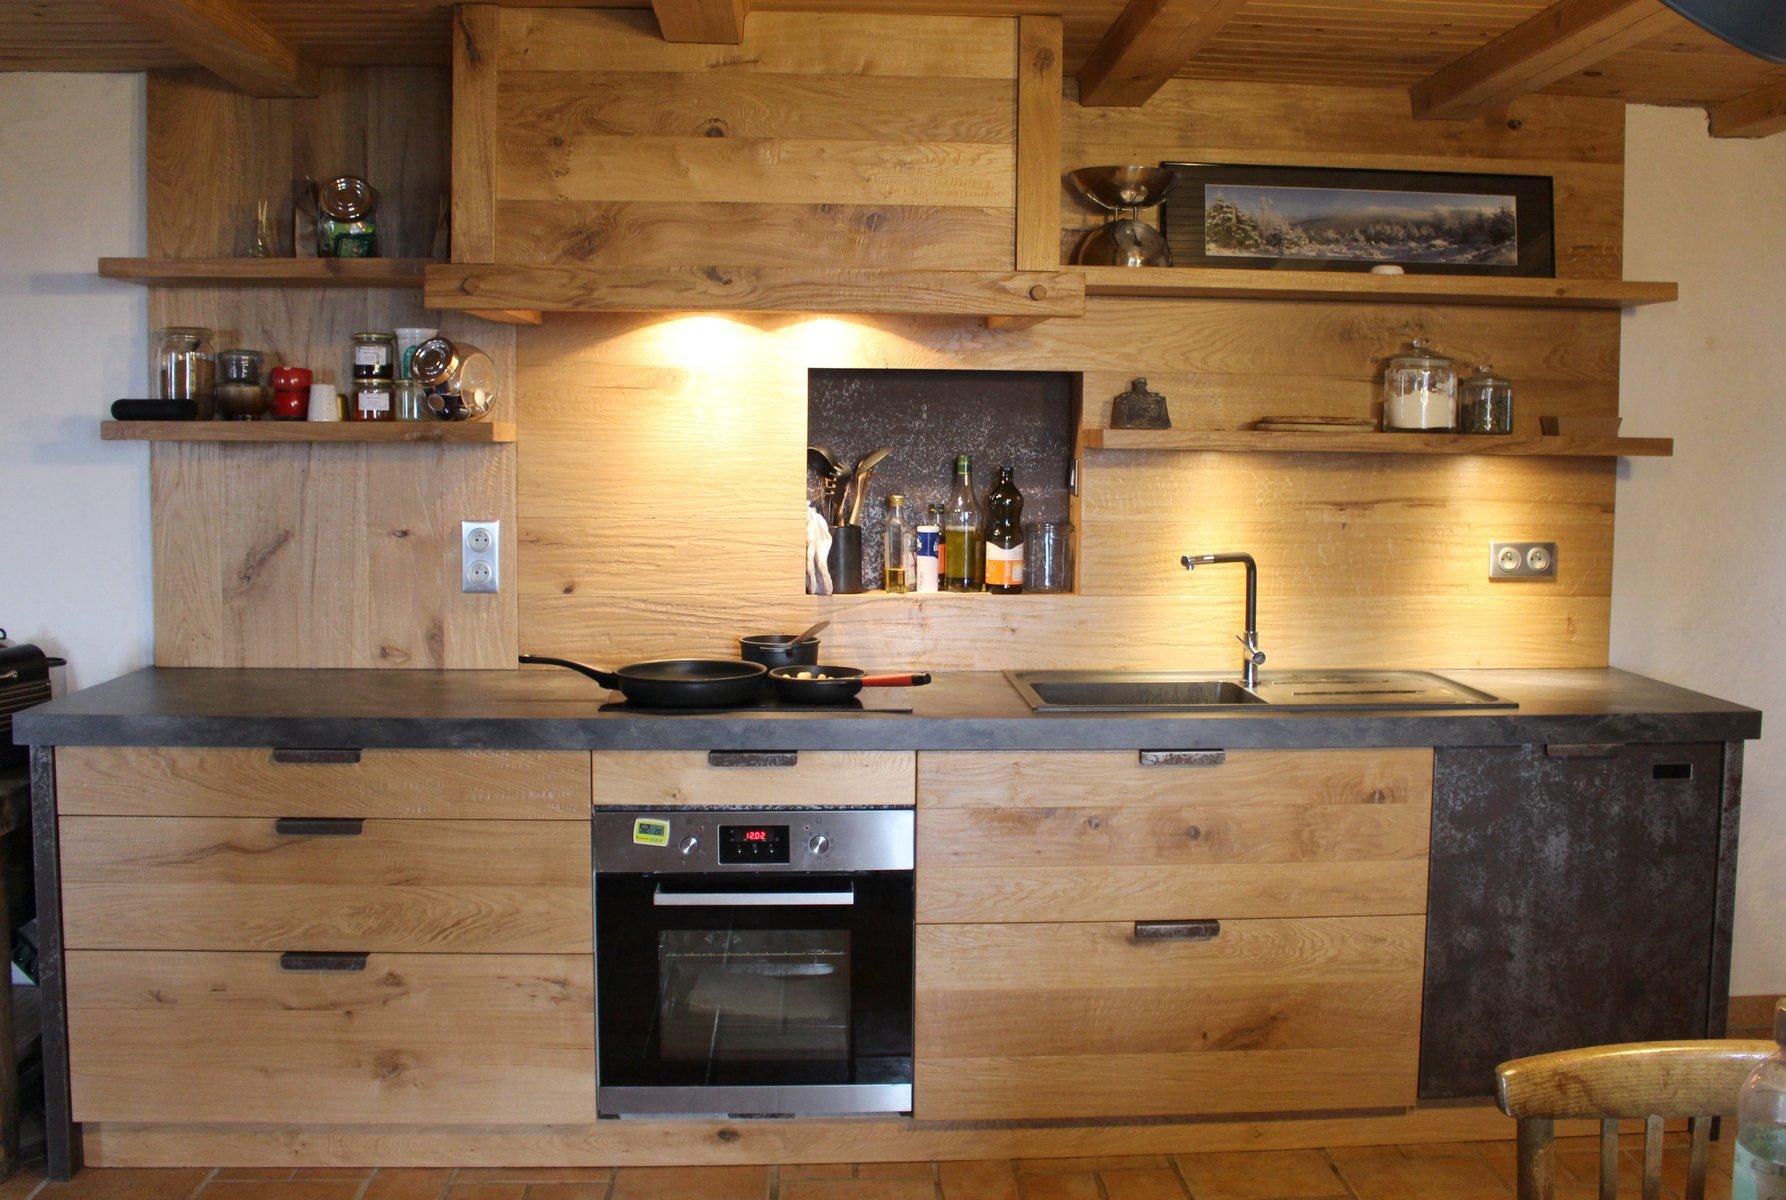 Cuisine en chene noueux et metal menuiserie agencement g rard - Meuble cuisine en metal ...